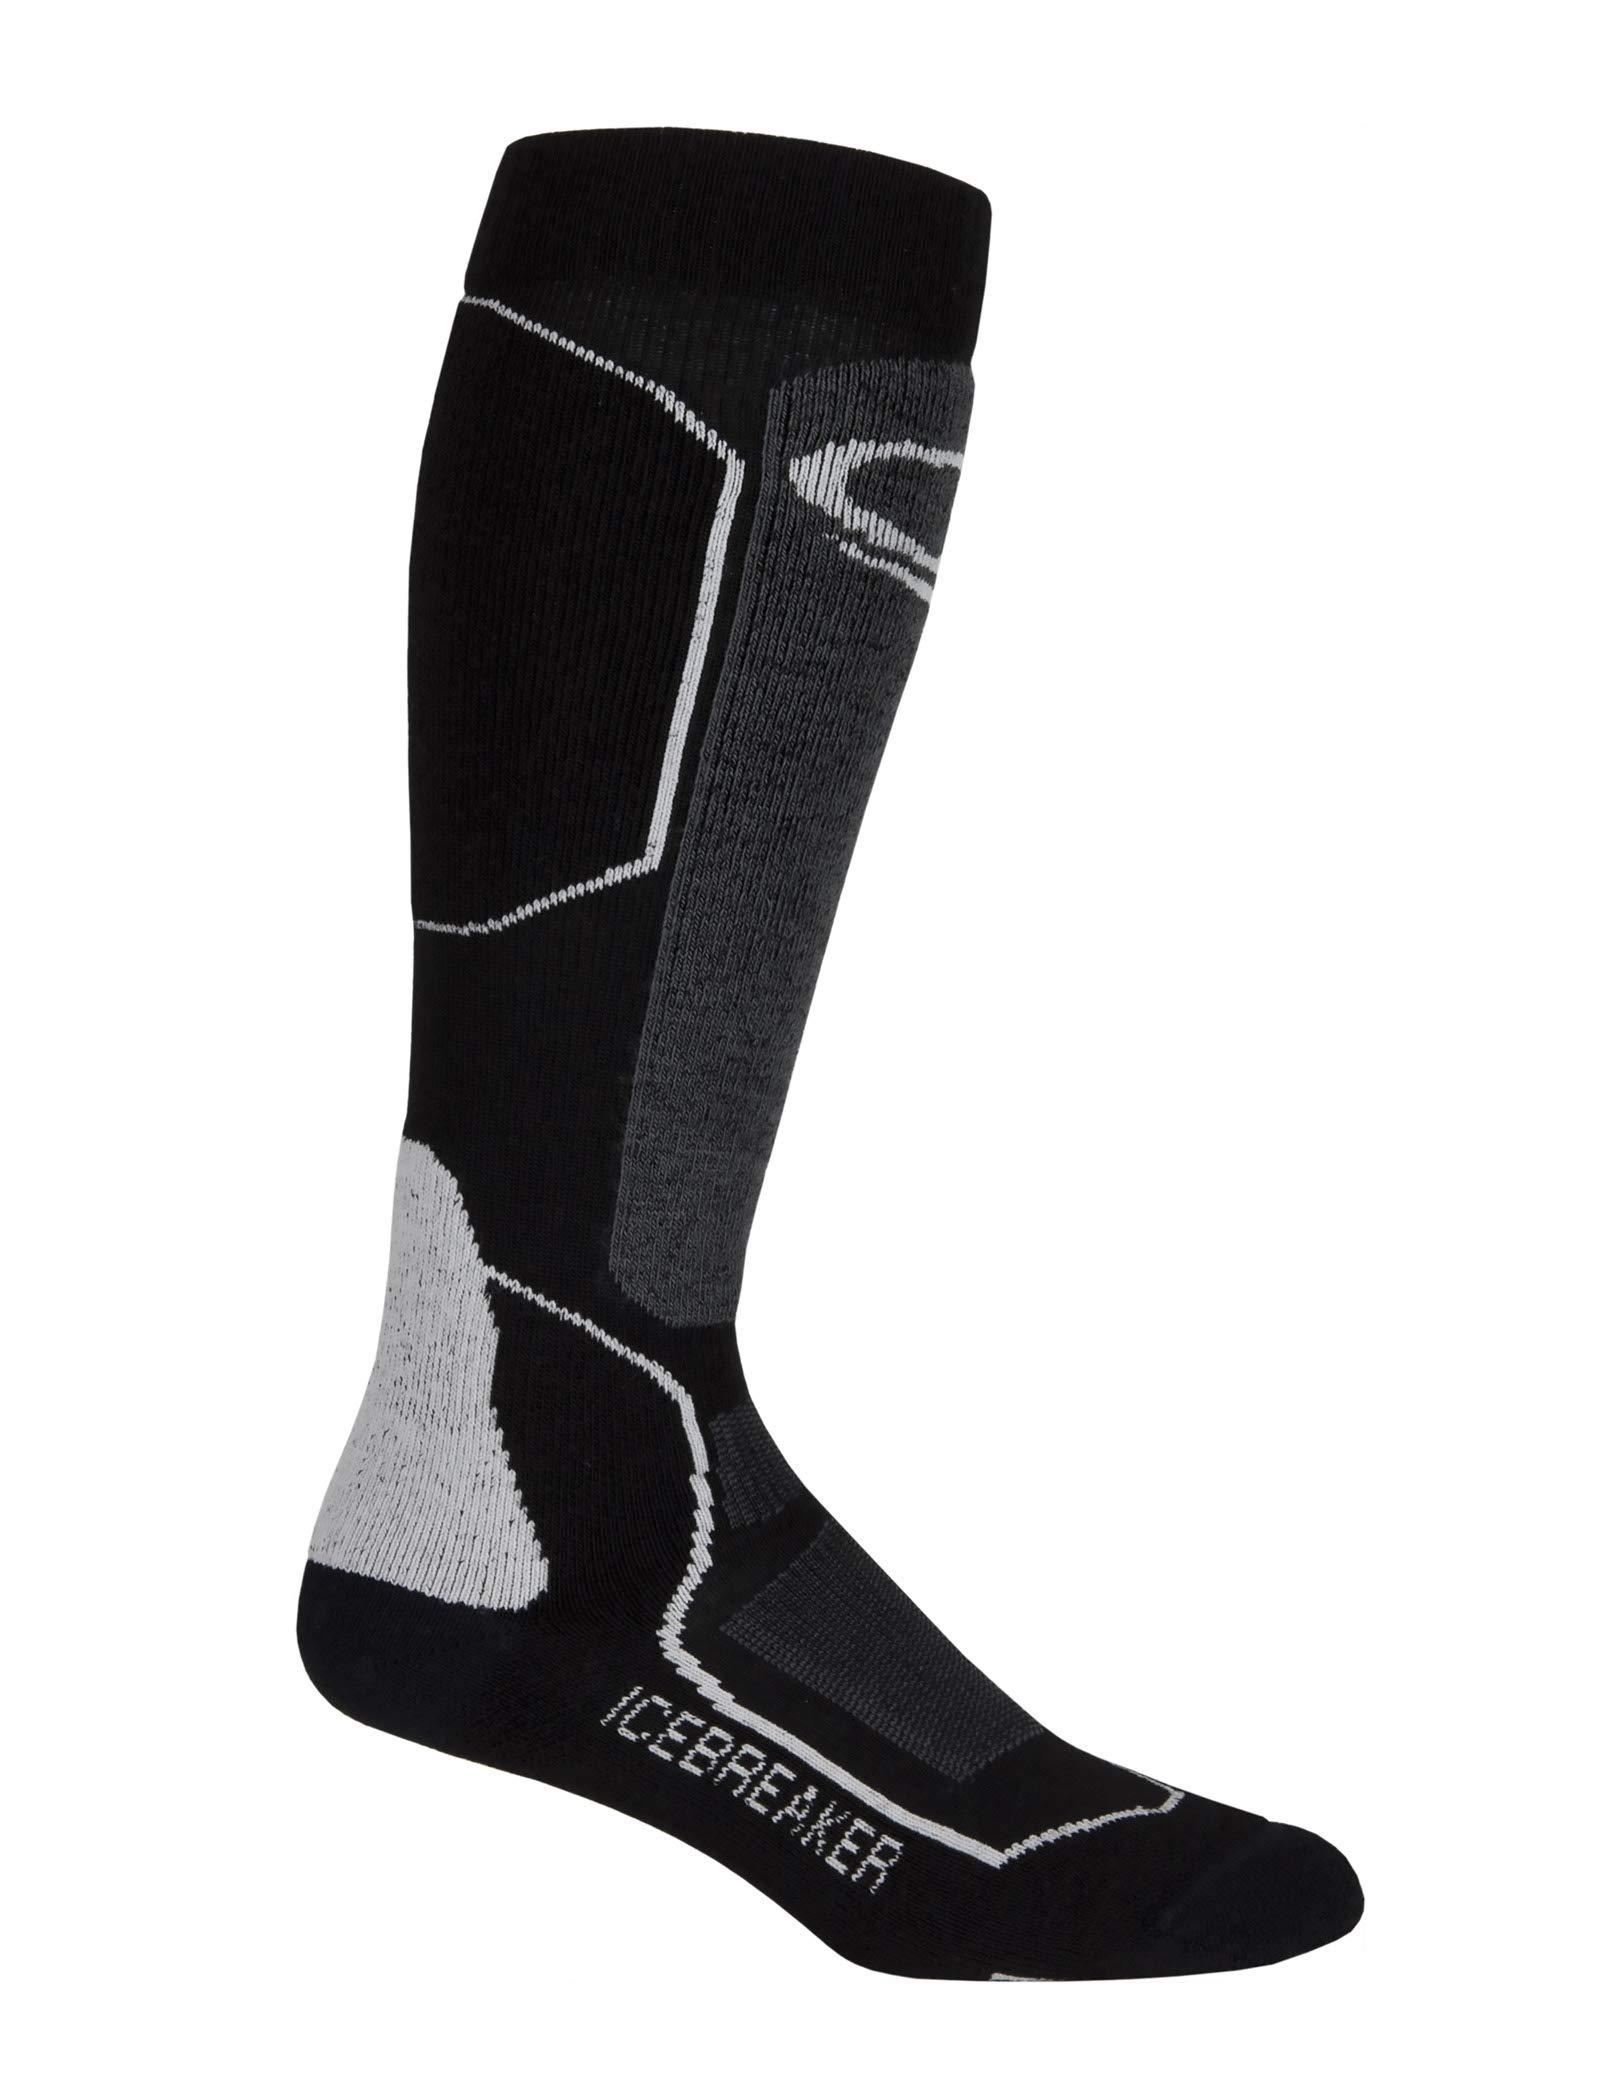 Icebreaker Merino Men's Ski Over The Calf Socks